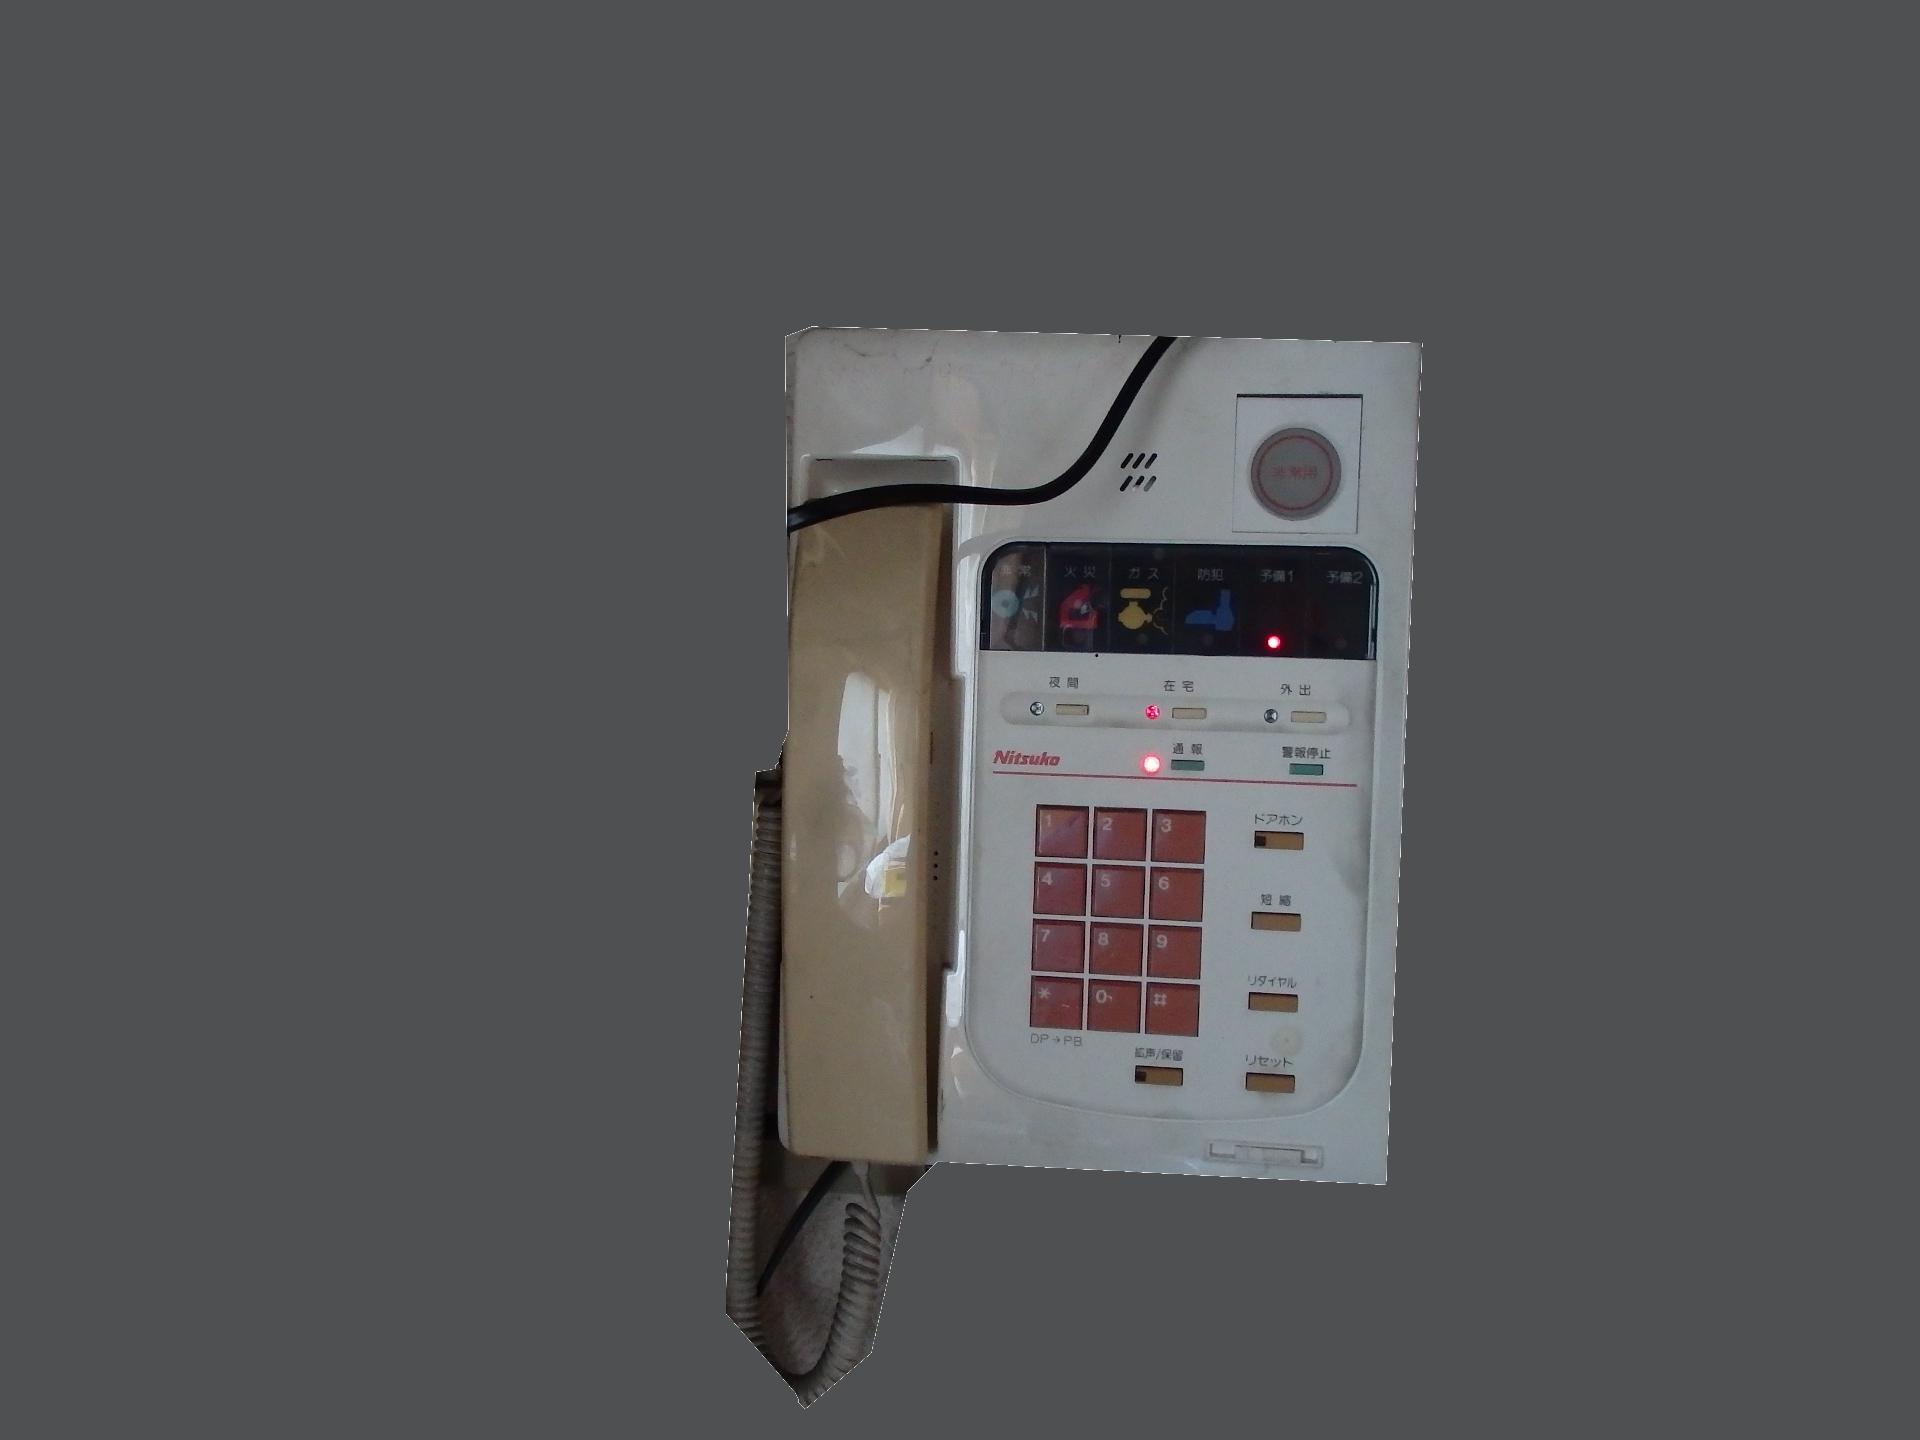 ガスメーター電話装置です。